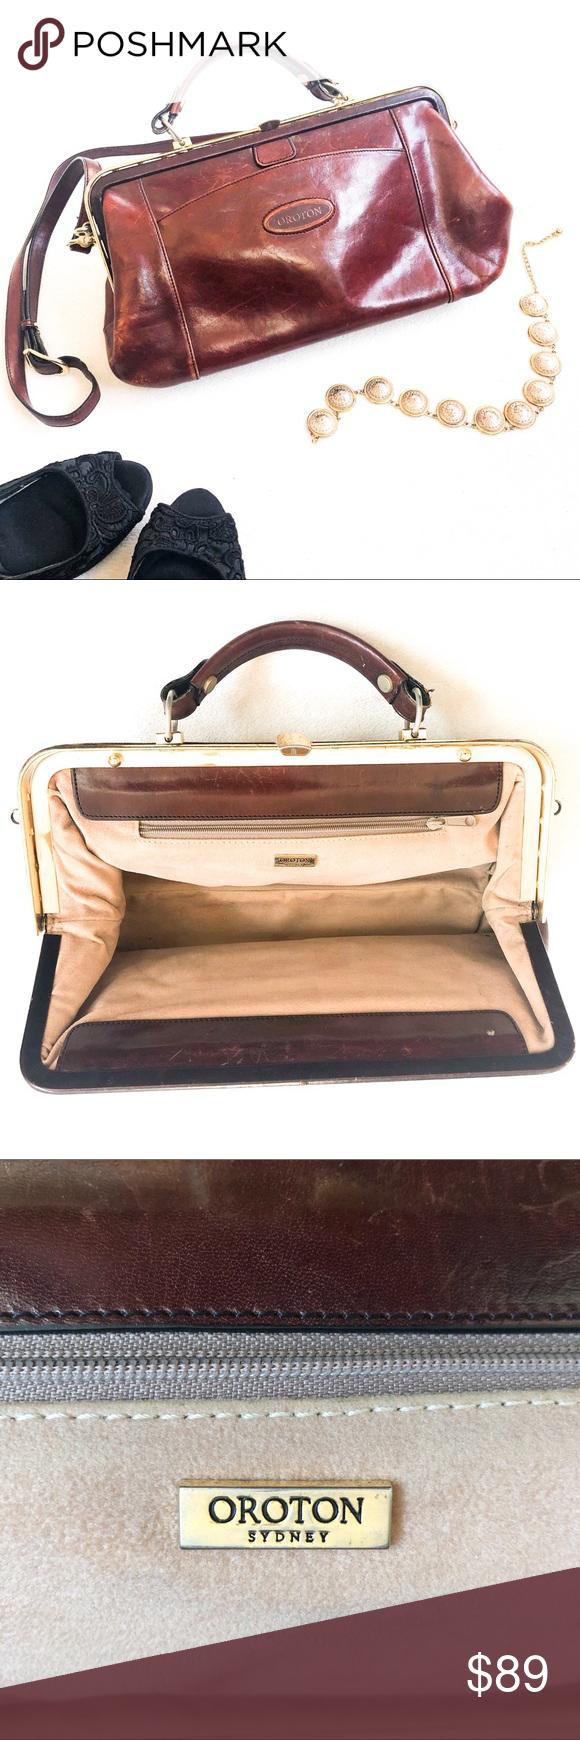 Vintage Oroton Leather Doctor Satchel Fashion Bags Leather Oroton